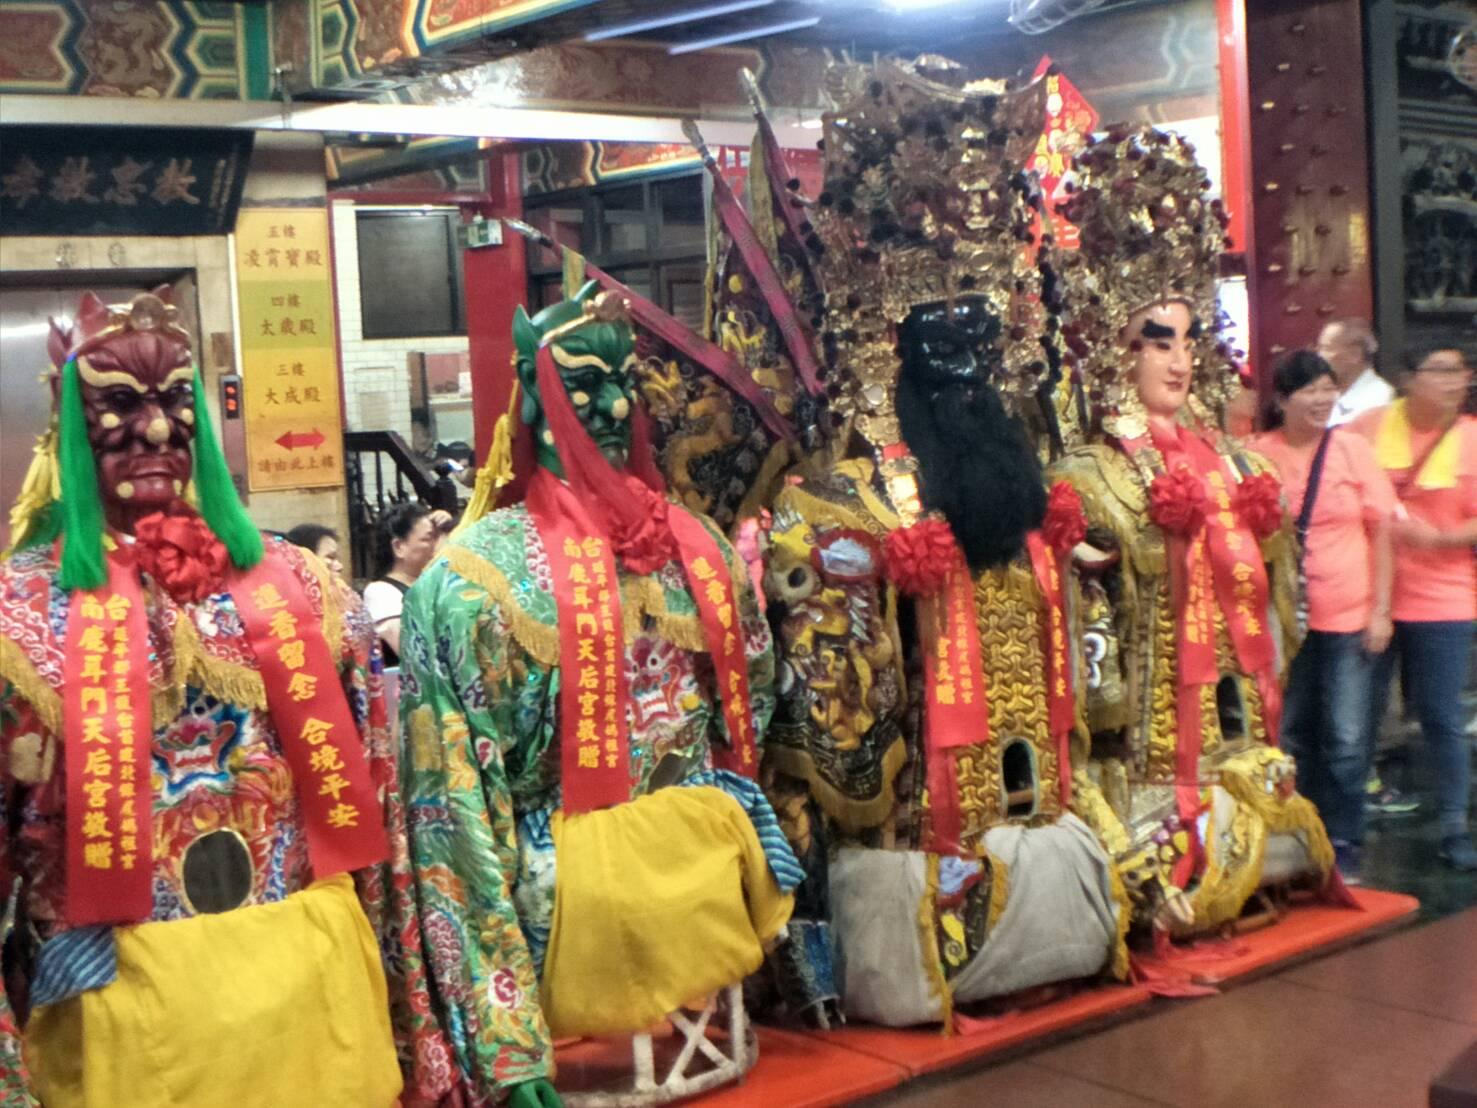 戊戌年國曆7月14日歡迎樹林忠正宮,蒞臨本殿謁祖晉香06